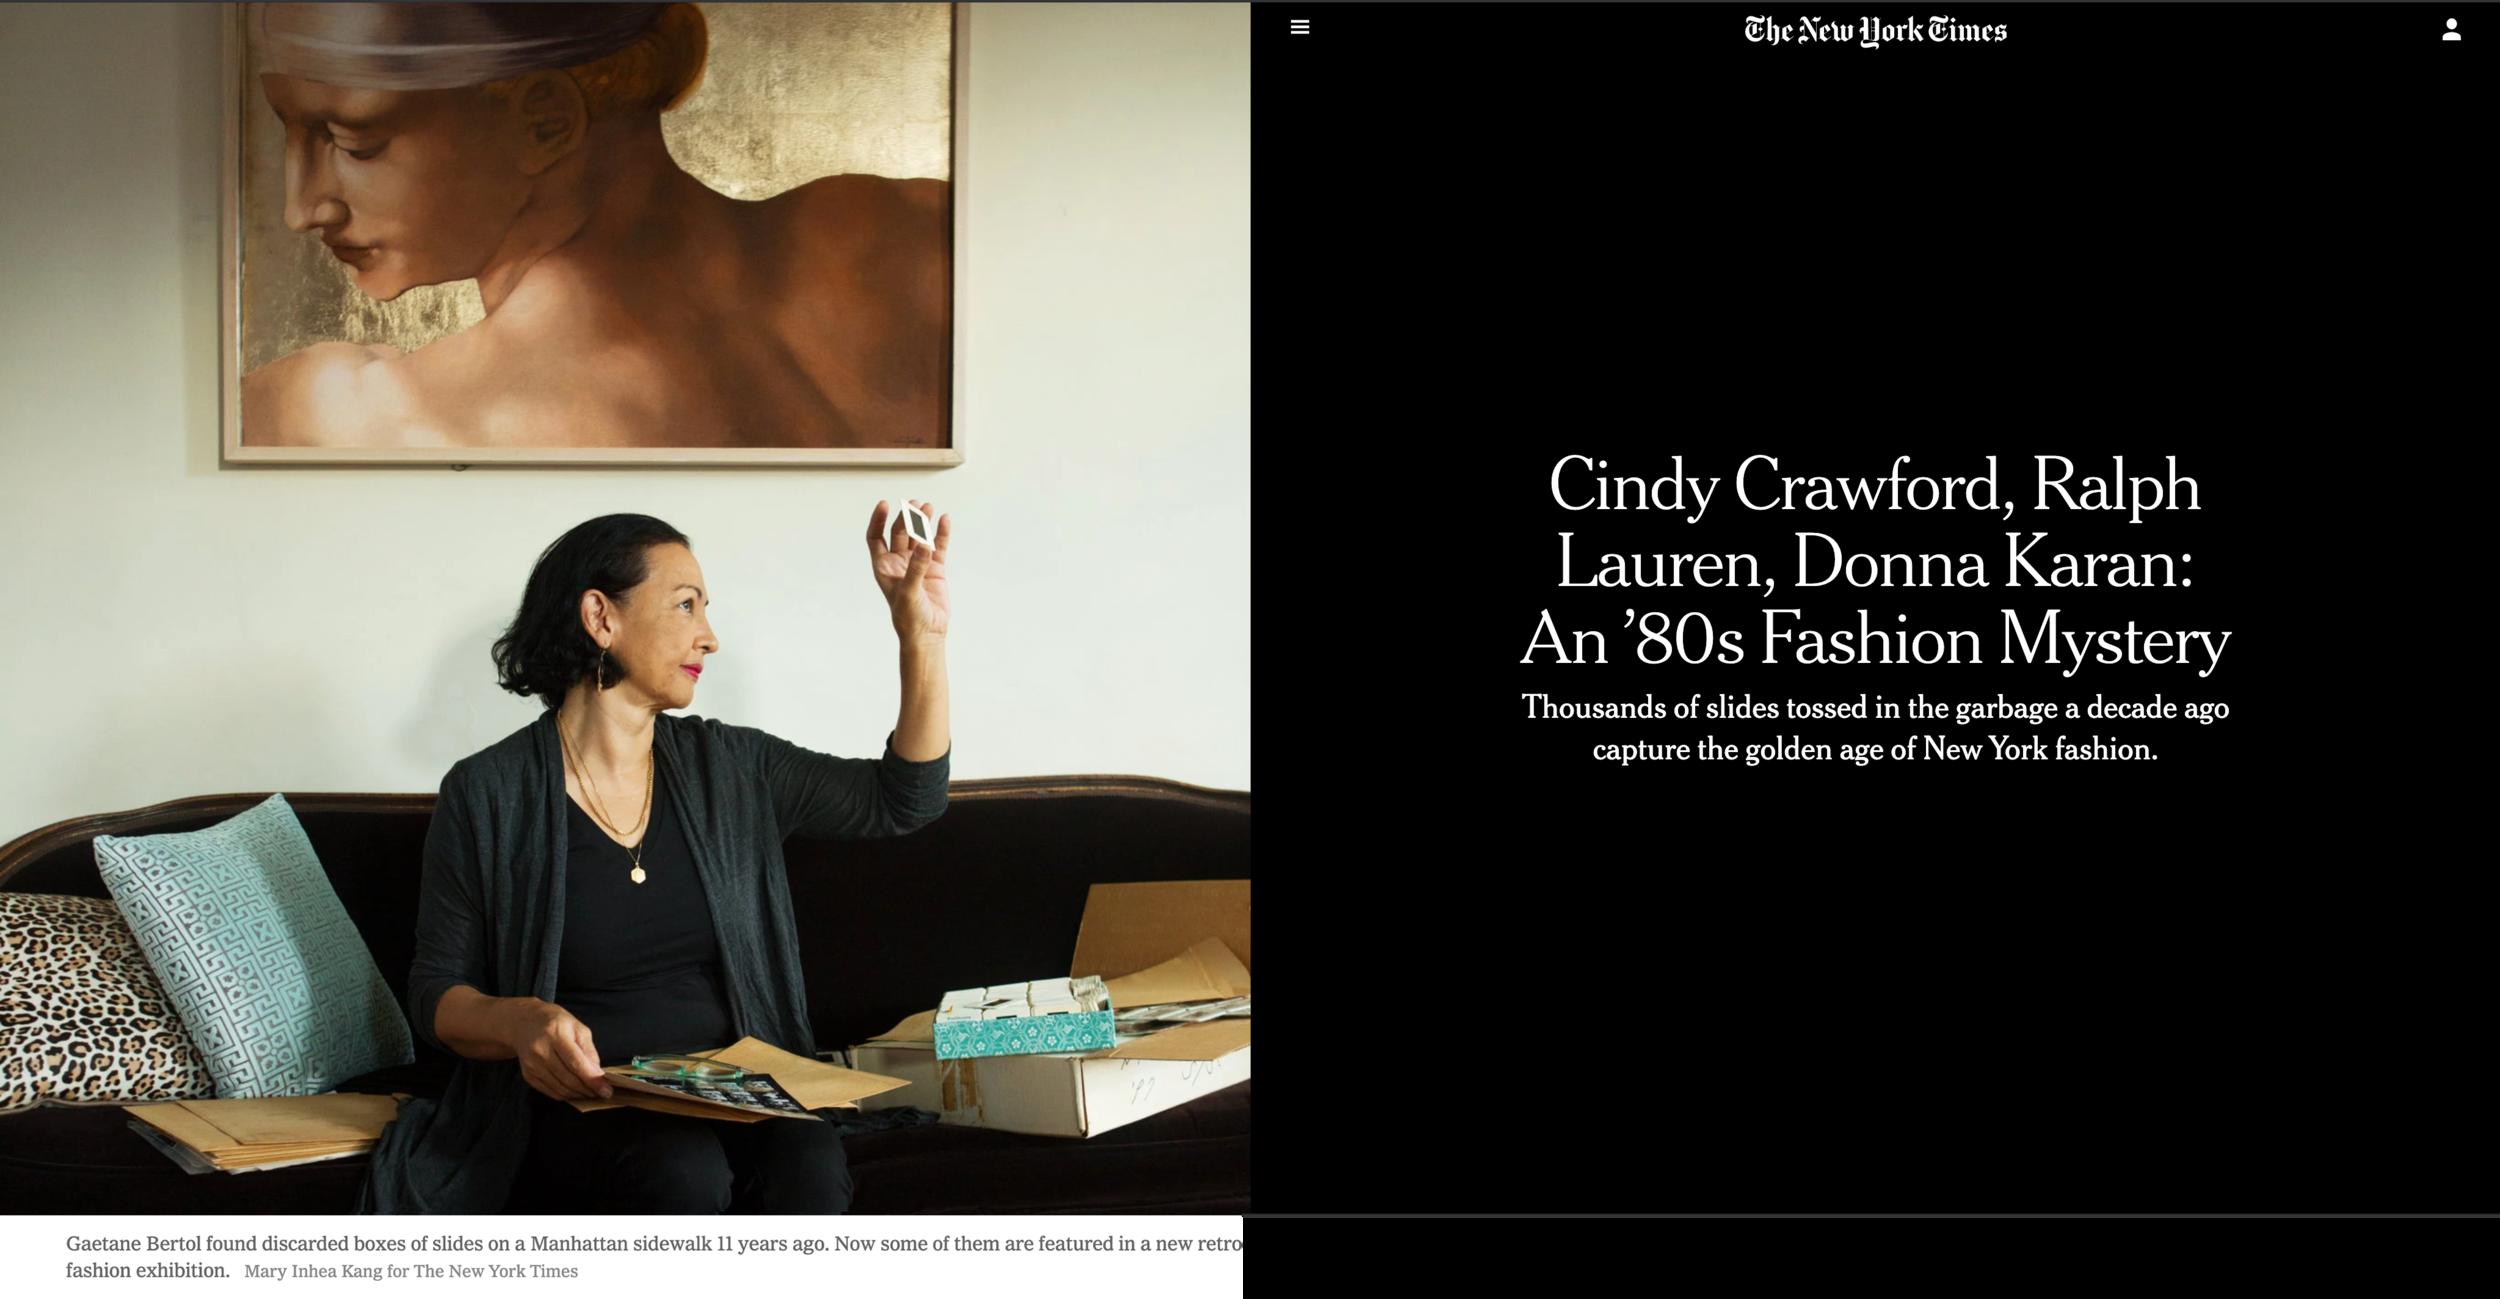 THE NEW YORK TIMES  |  PDF  | September 12, 2019 | By Helene Stapinski